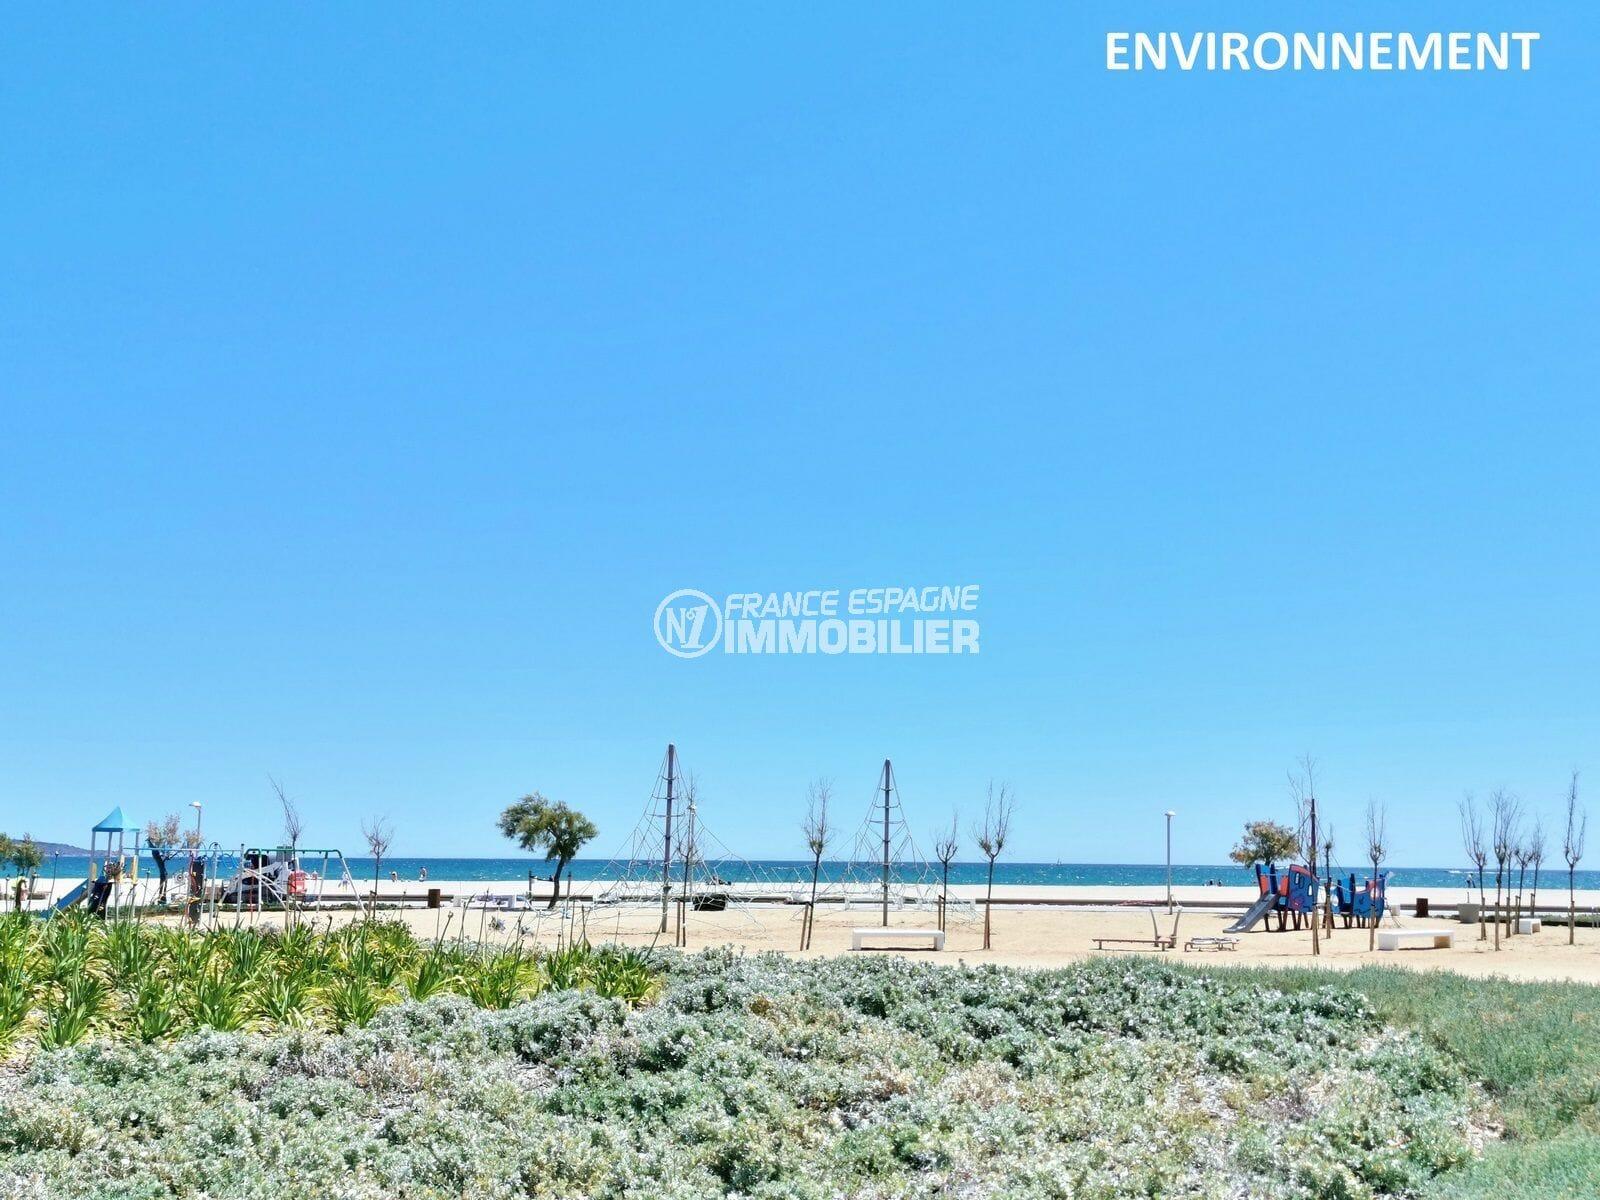 aires de jeux sur la plage environnante